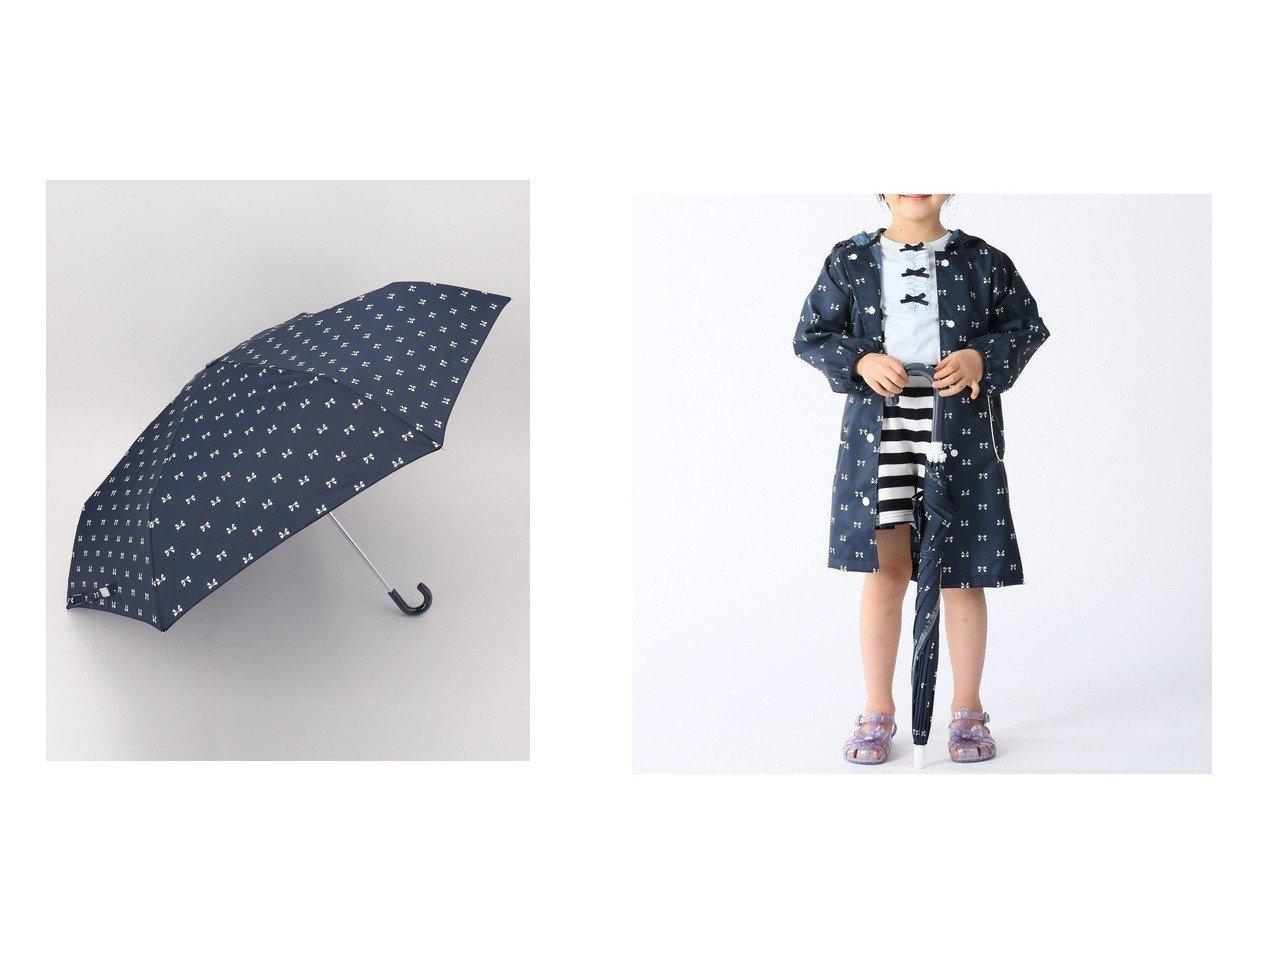 【KUMIKYOKU / KIDS/組曲】の【TODDLER雑貨】レインコート&【KIDS雑貨】キッズ折り畳み傘 【KIDS】子供服のおすすめ!人気トレンド・キッズファッションの通販 おすすめで人気の流行・トレンド、ファッションの通販商品 インテリア・家具・メンズファッション・キッズファッション・レディースファッション・服の通販 founy(ファニー) https://founy.com/ ファッション Fashion キッズファッション KIDS アウター Coat Outerwear /Kids 送料無料 Free Shipping リボン 傘 ポンチョ リュック 巾着  ID:crp329100000044710